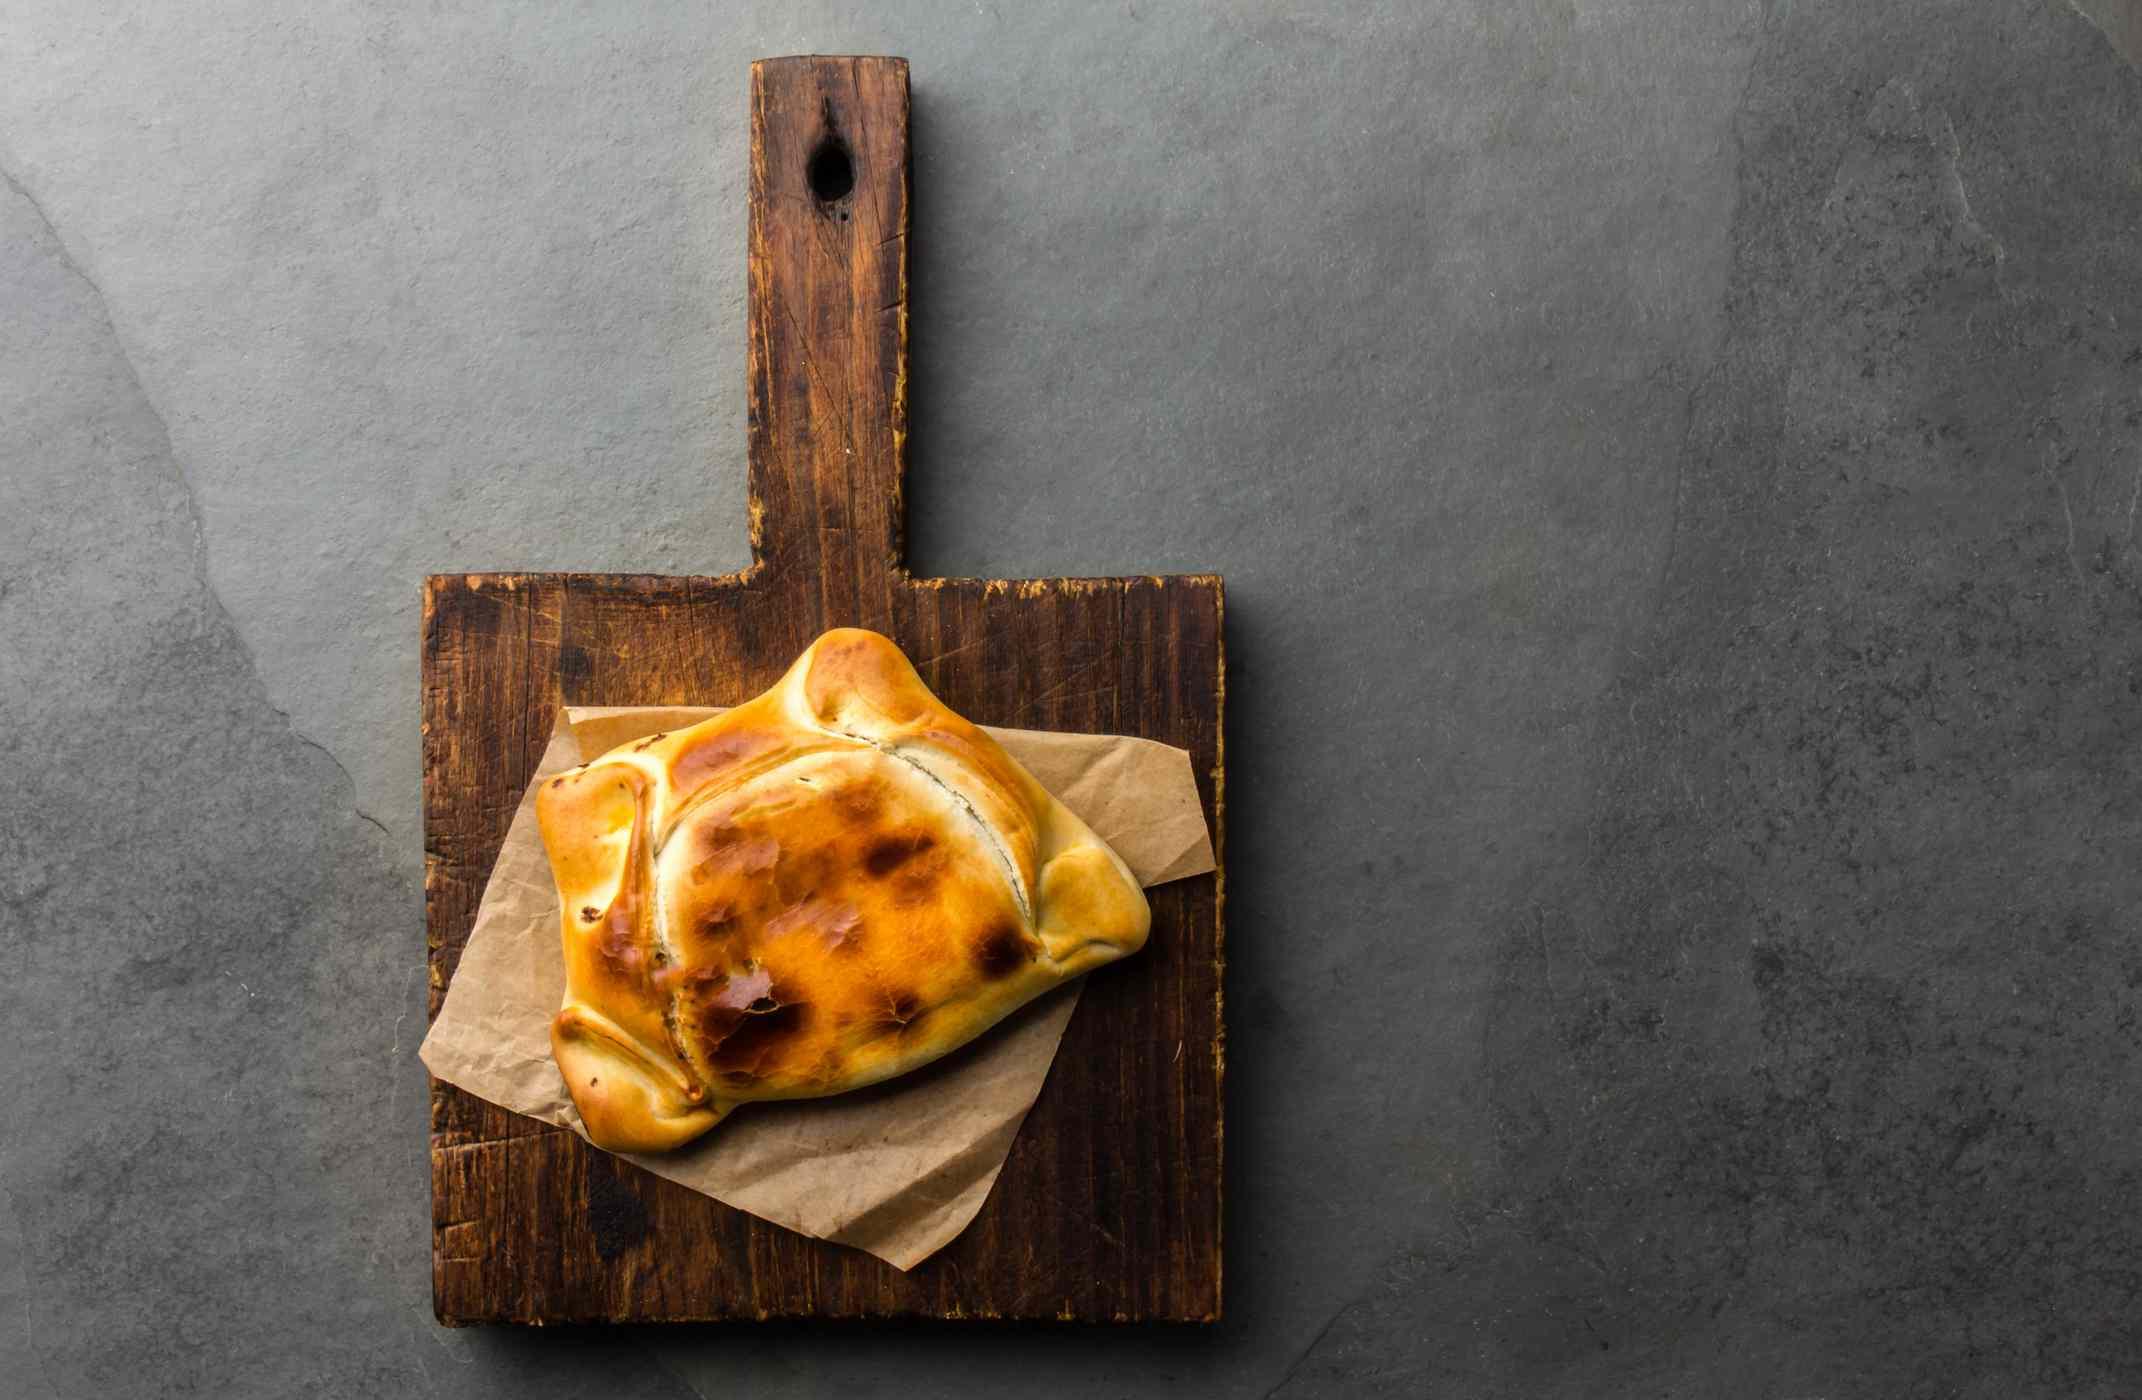 Chilean empanada on a wooden pizza board